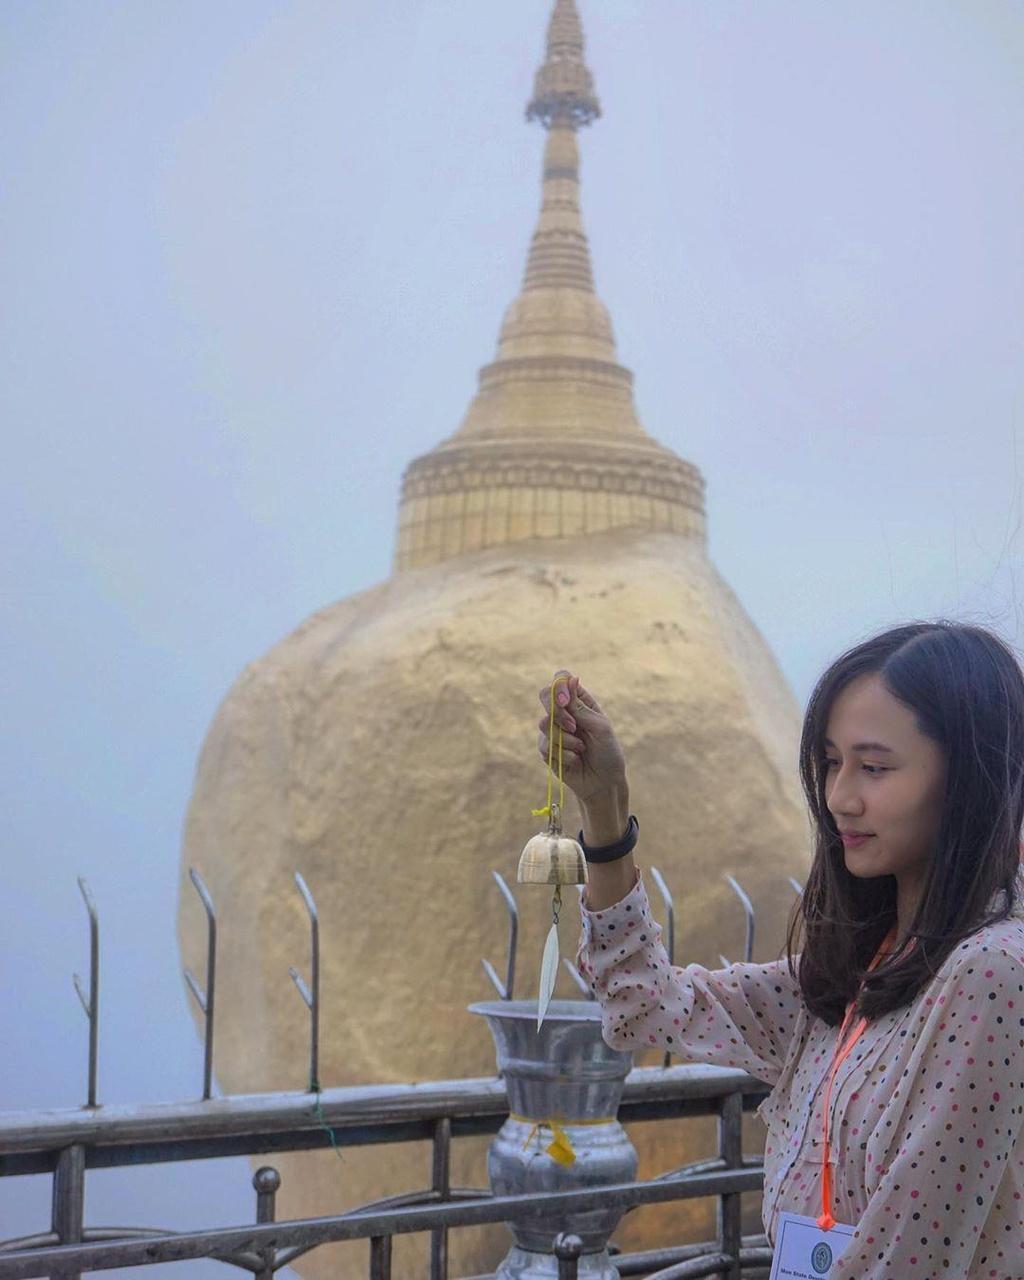 Độc đáo ngôi chùa đứng vững nghìn năm bên mép đá vàng - Ảnh 9